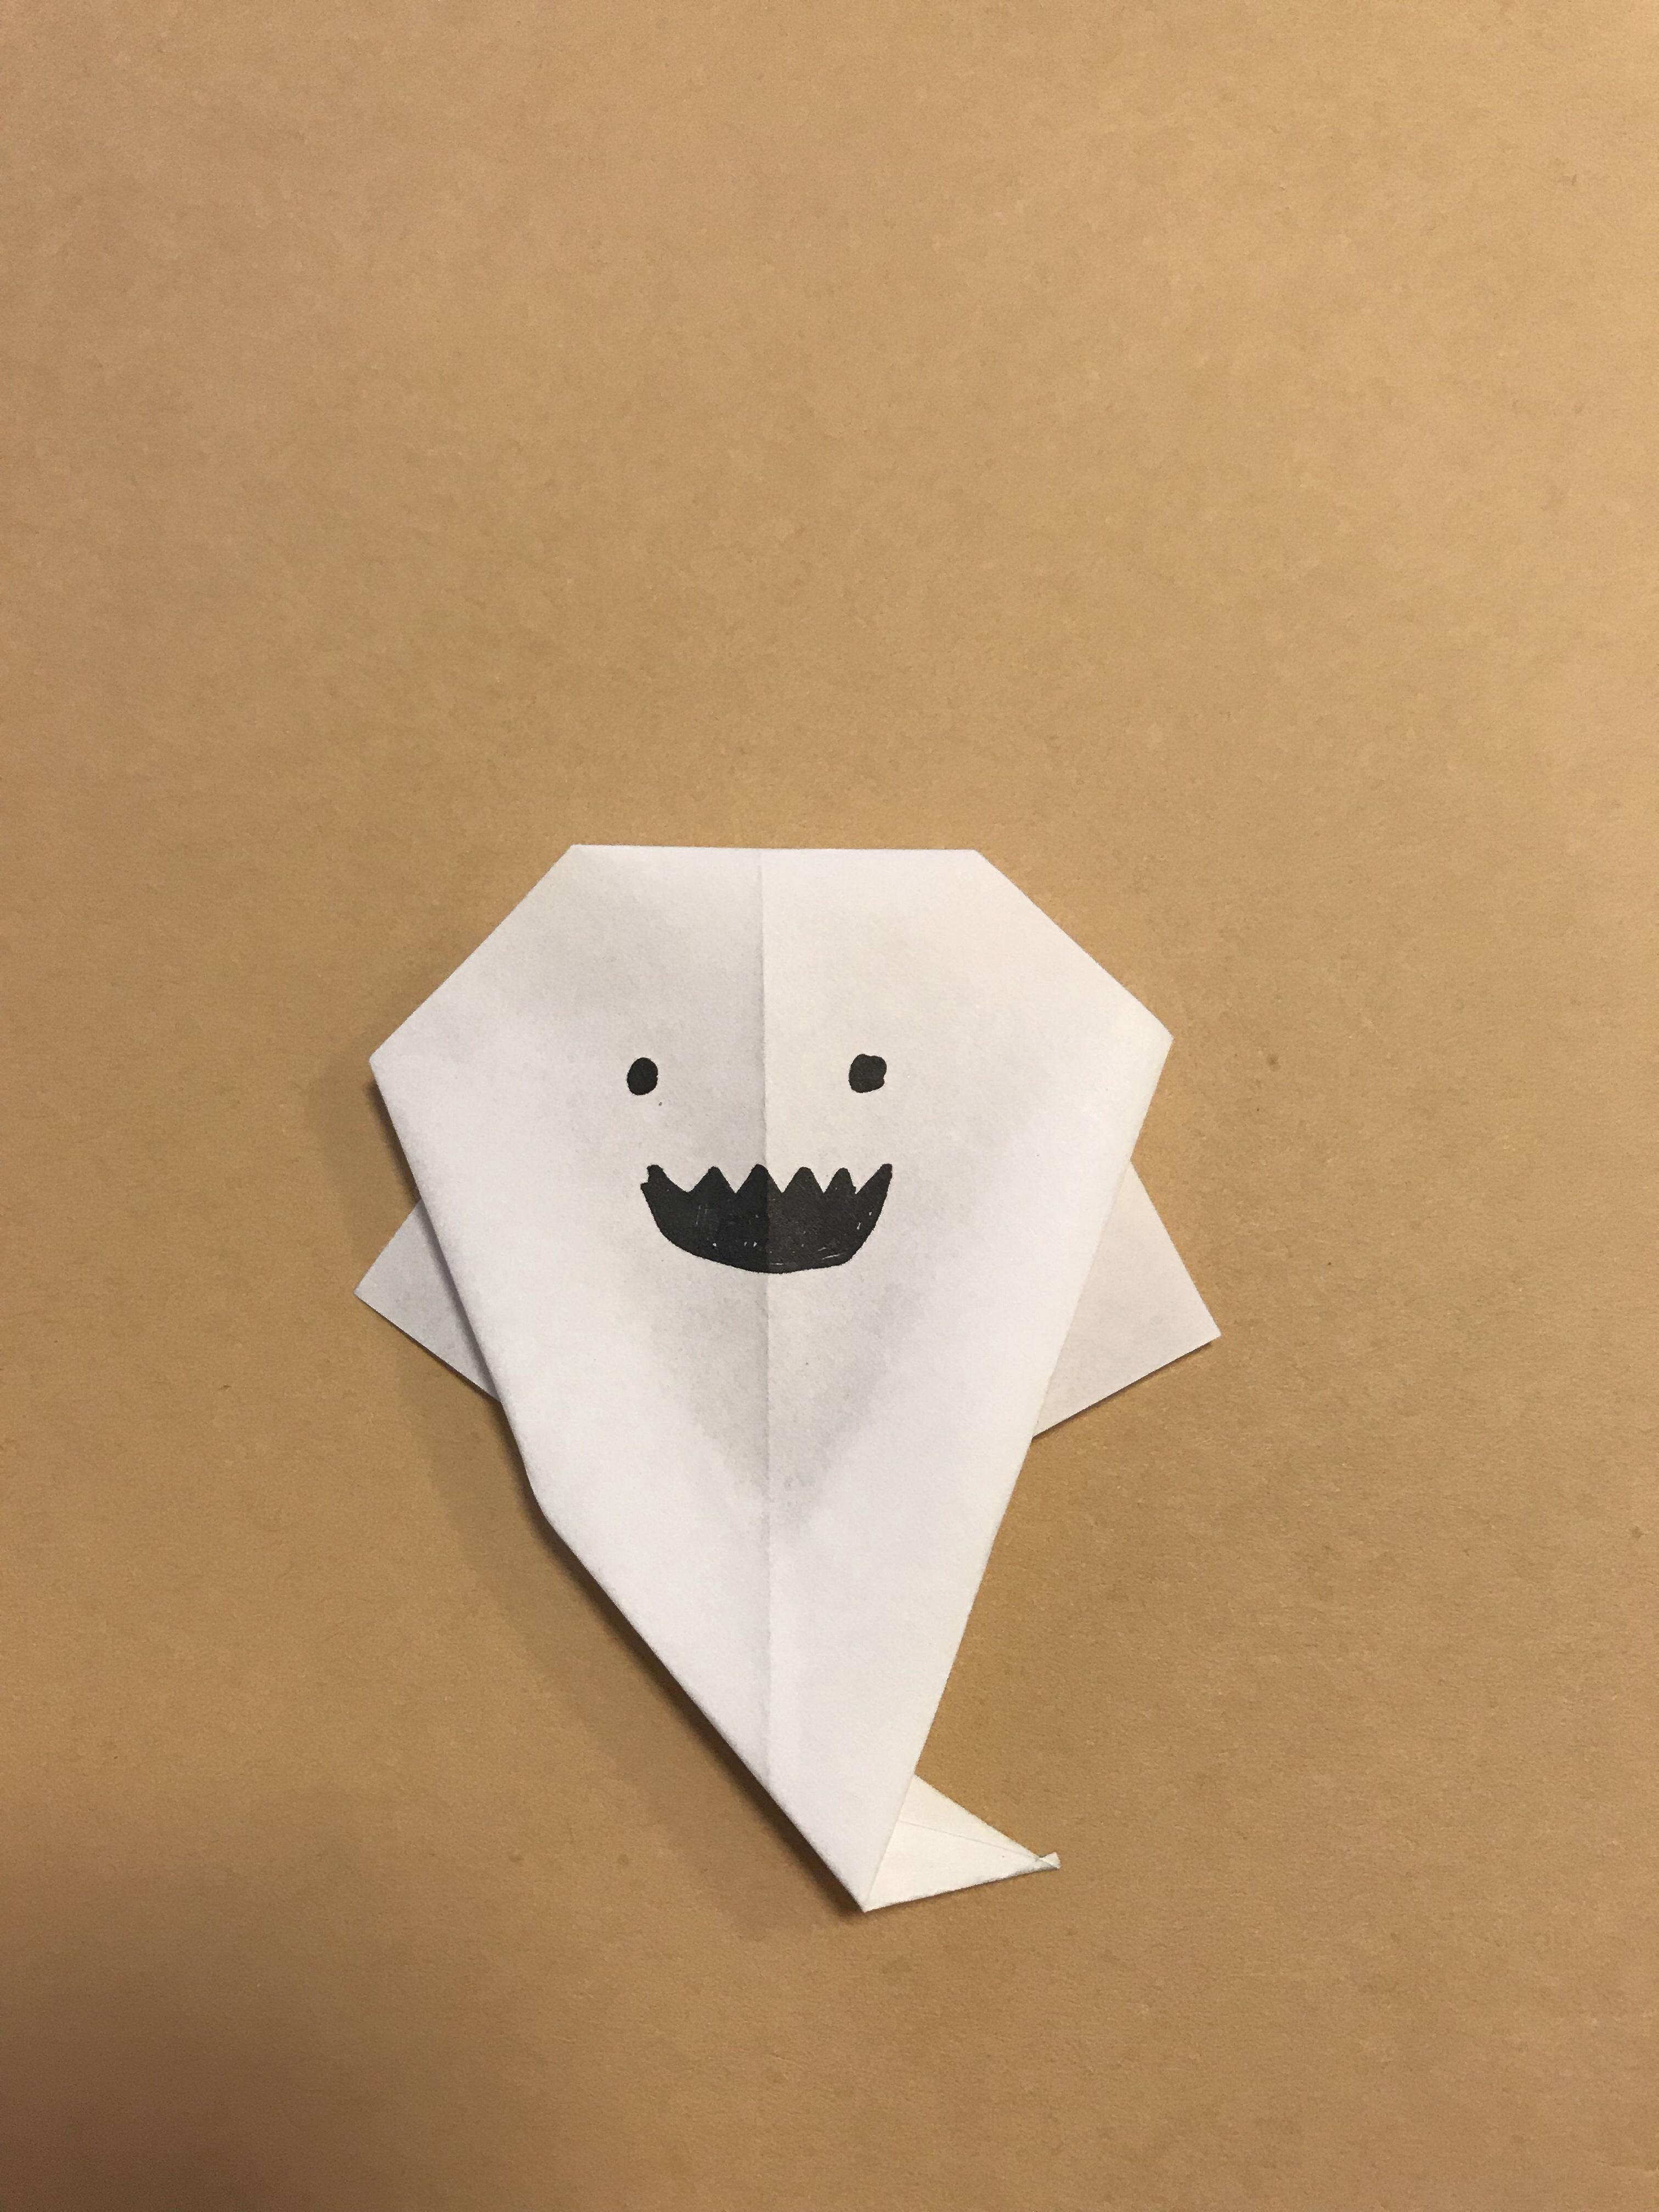 ハロウィンおばけ折り紙完成写真